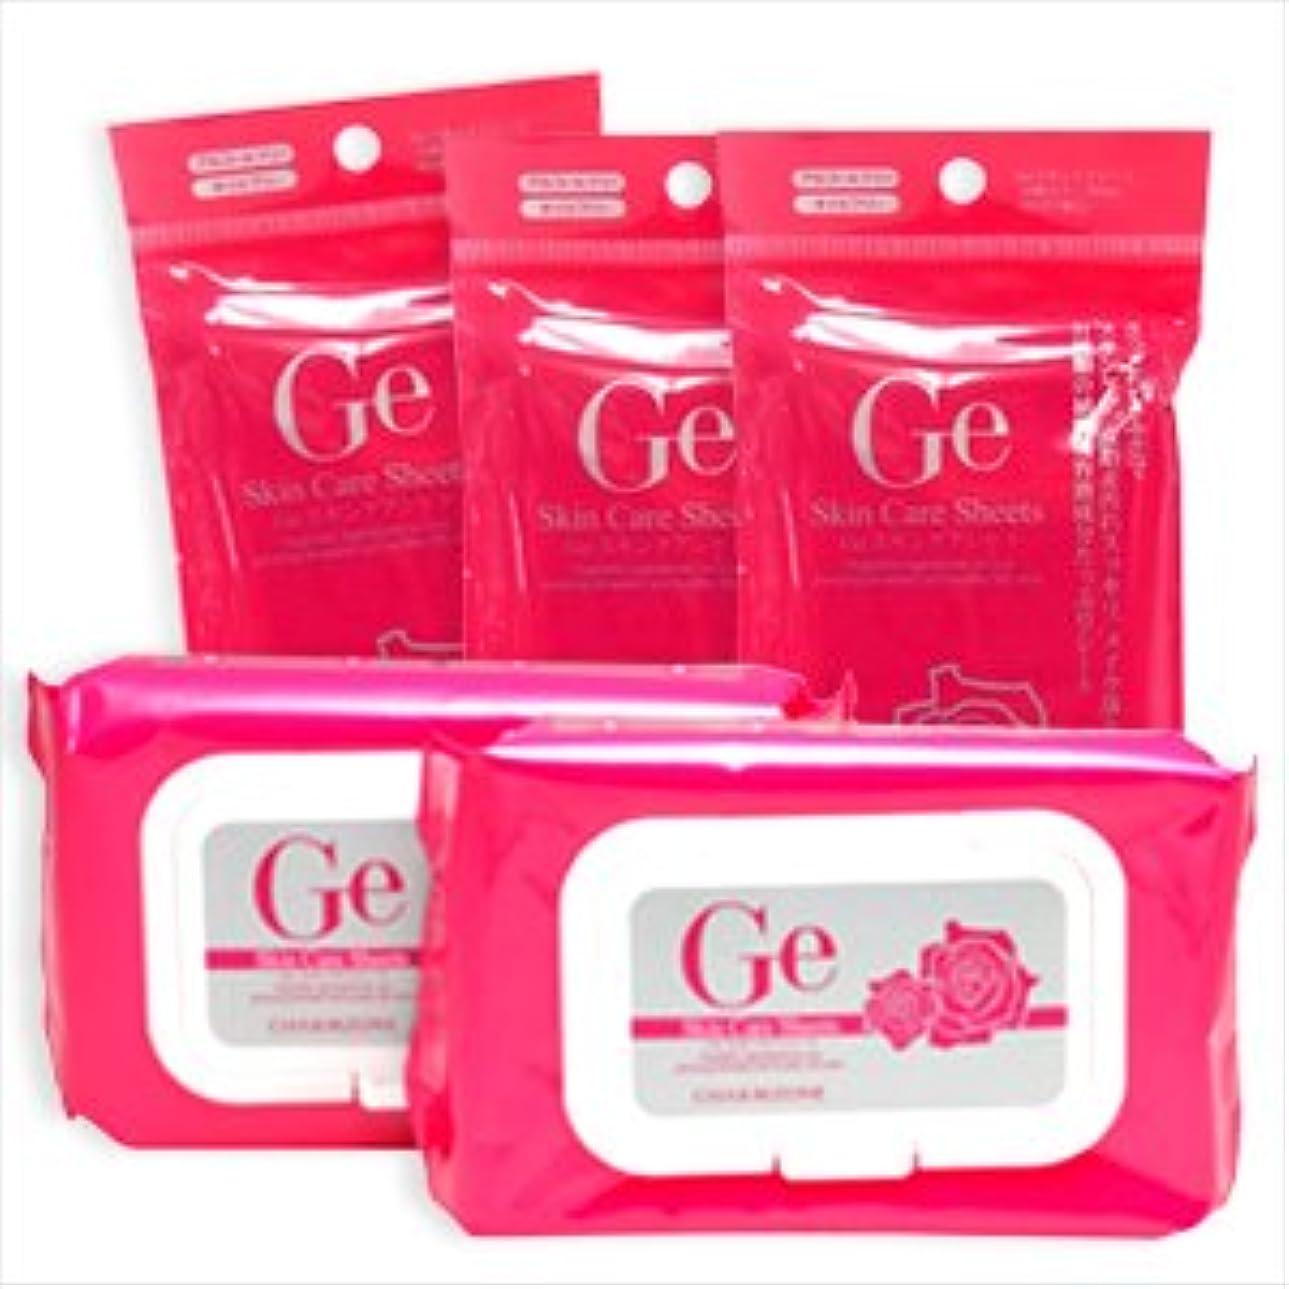 アームストロングエイズシャイニングチャームゾーン Geスキンケアシート (150枚入) (香り:ローズ)